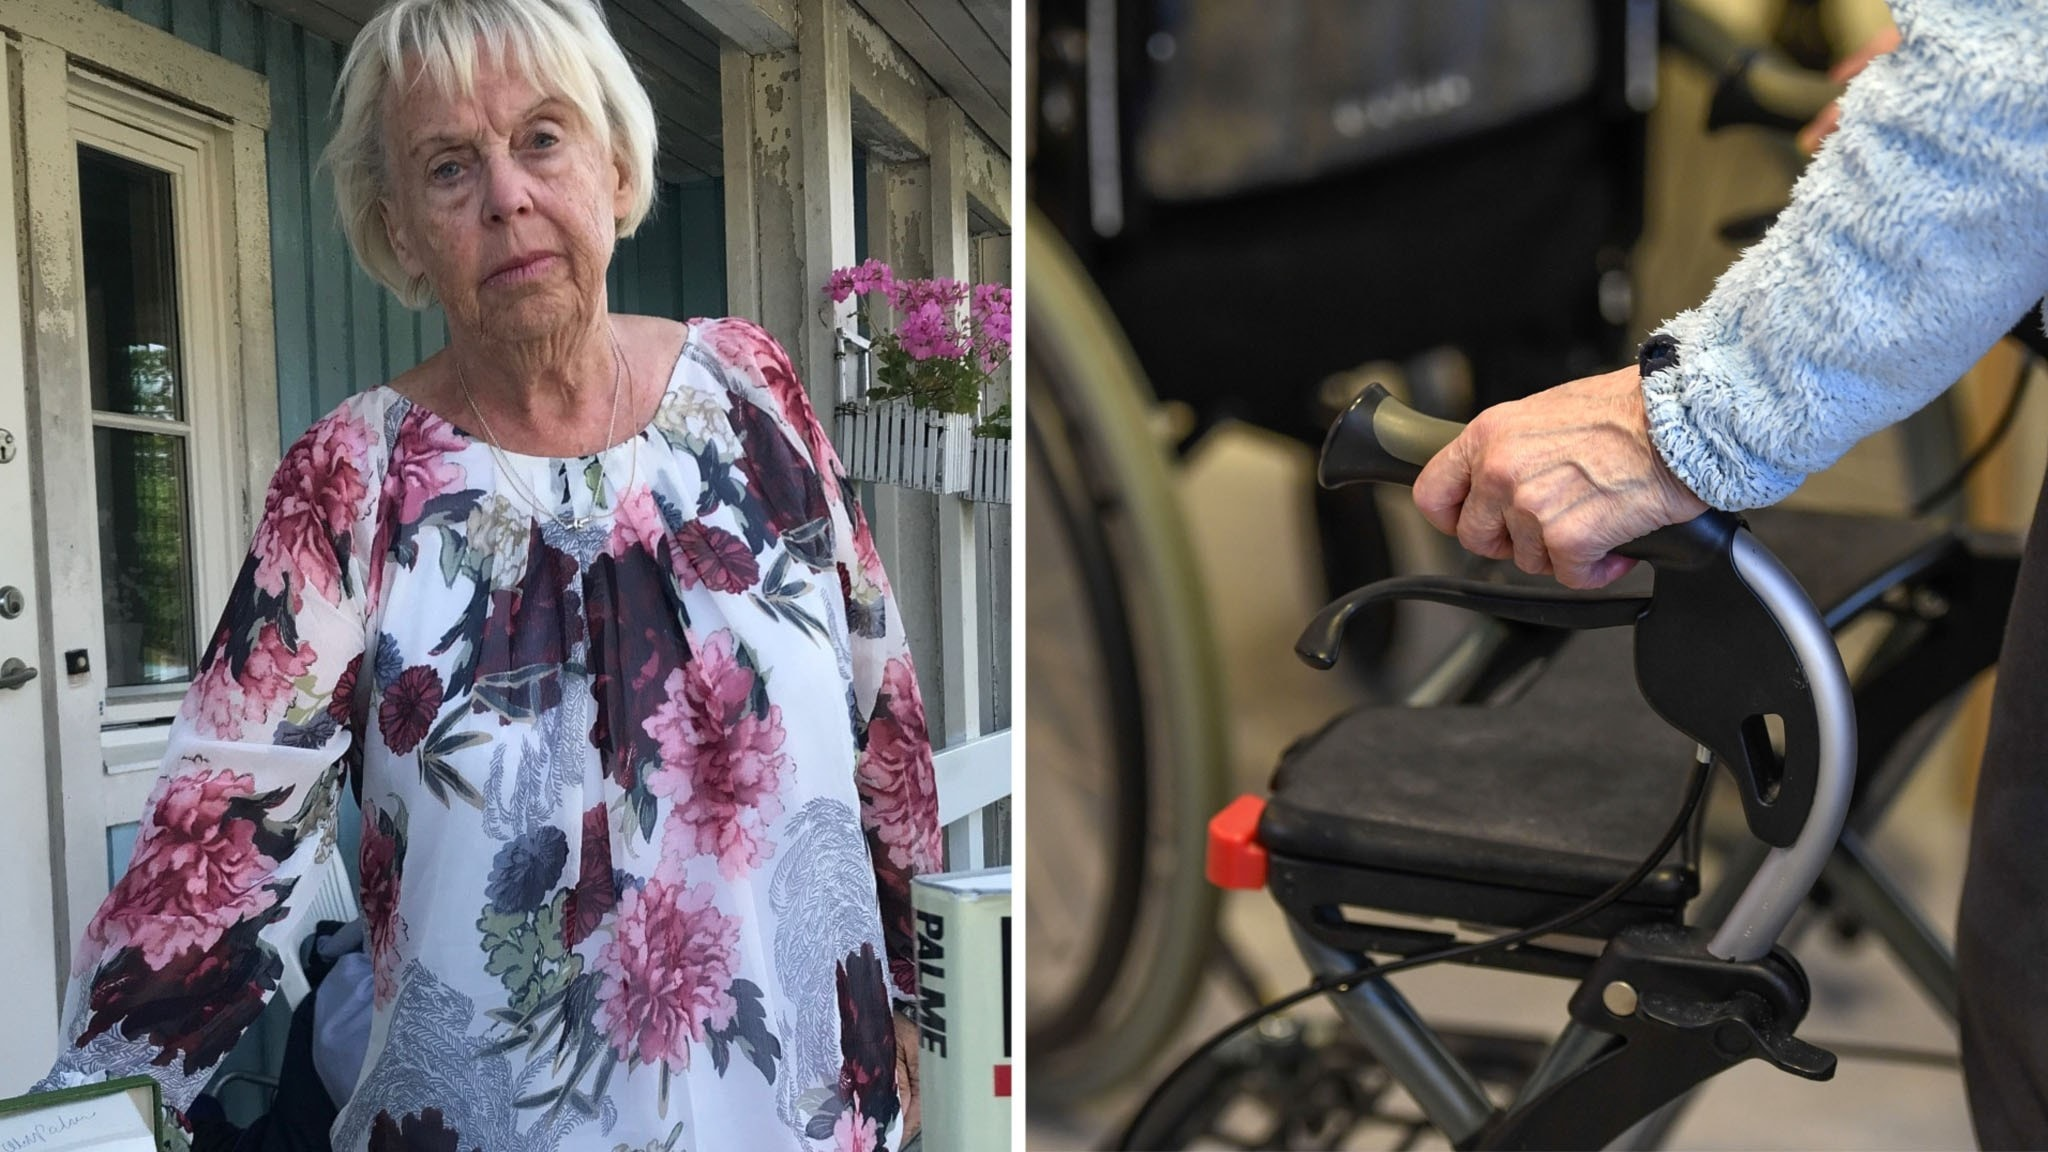 Ryter ifrån om brister i privat äldrevård: Nu får det vara nog!